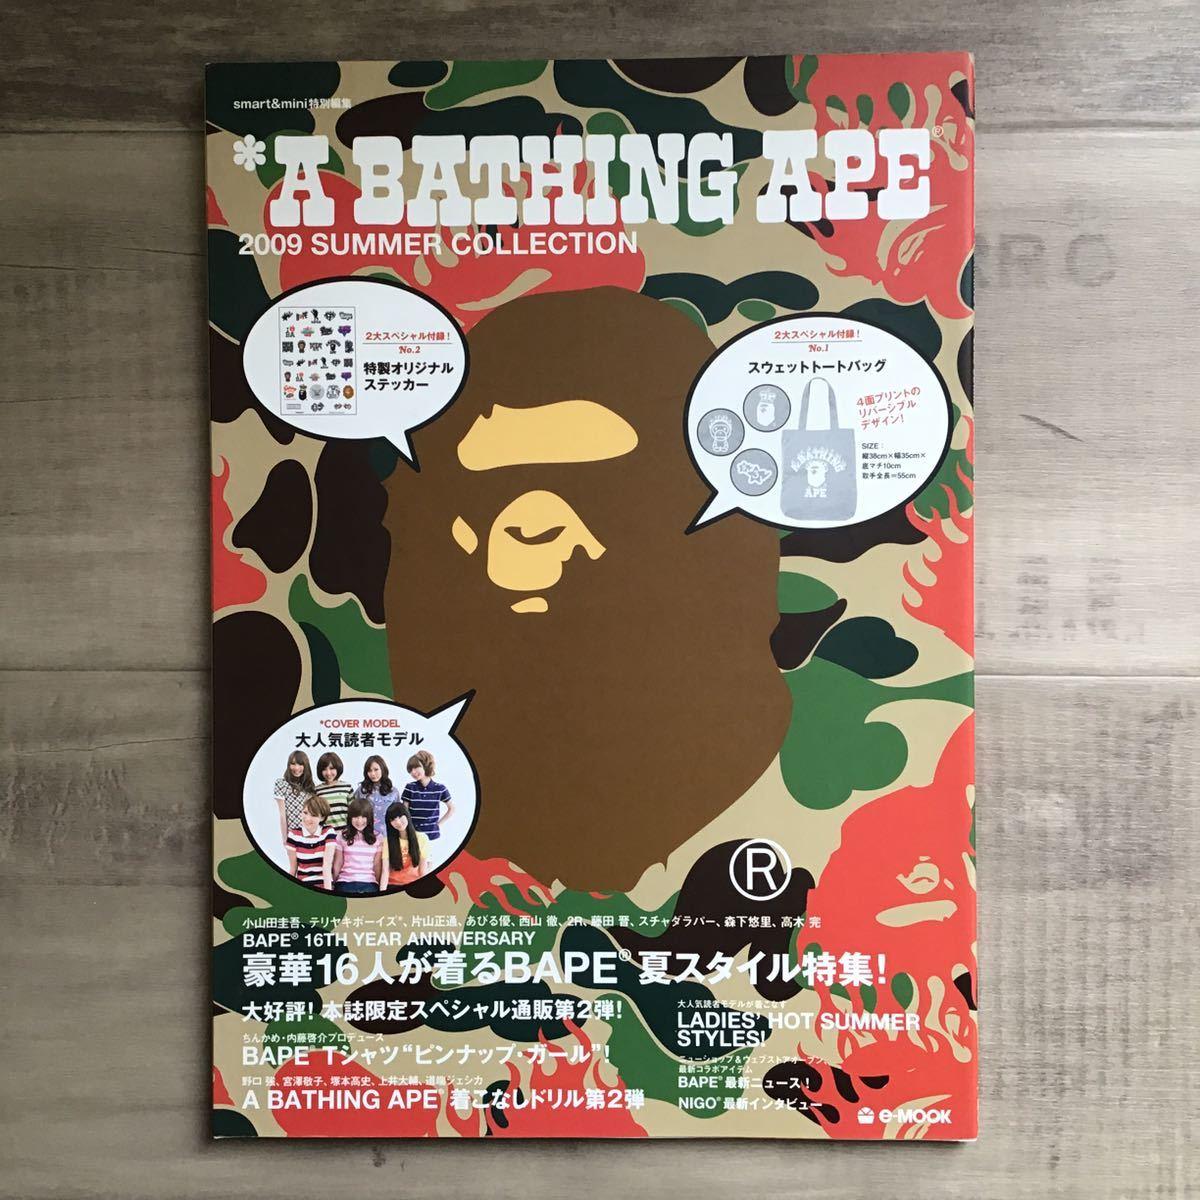 ★付録未開封★ 2009 SUMMER ムック本 a bathing ape bape mook エイプ ベイプ 付録 本 スウェットトート バッグ baby milo マイロ nigo